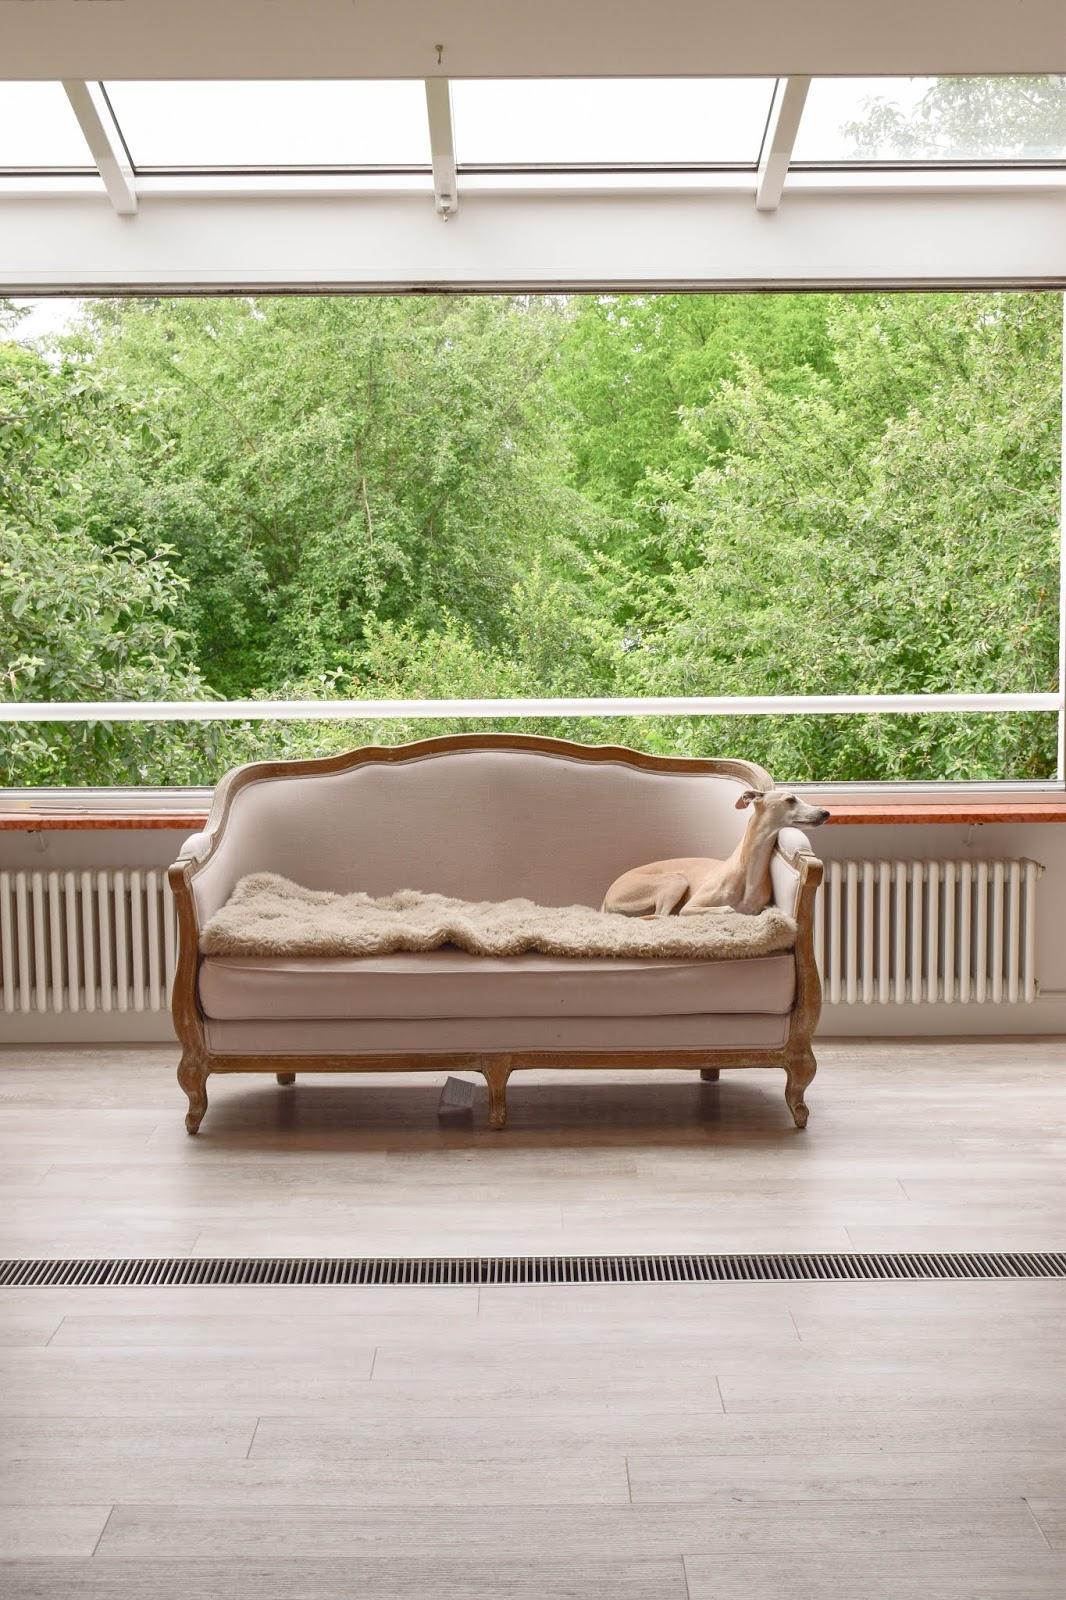 Renovierung Update Esszimmer Sofa Lucy Whippet